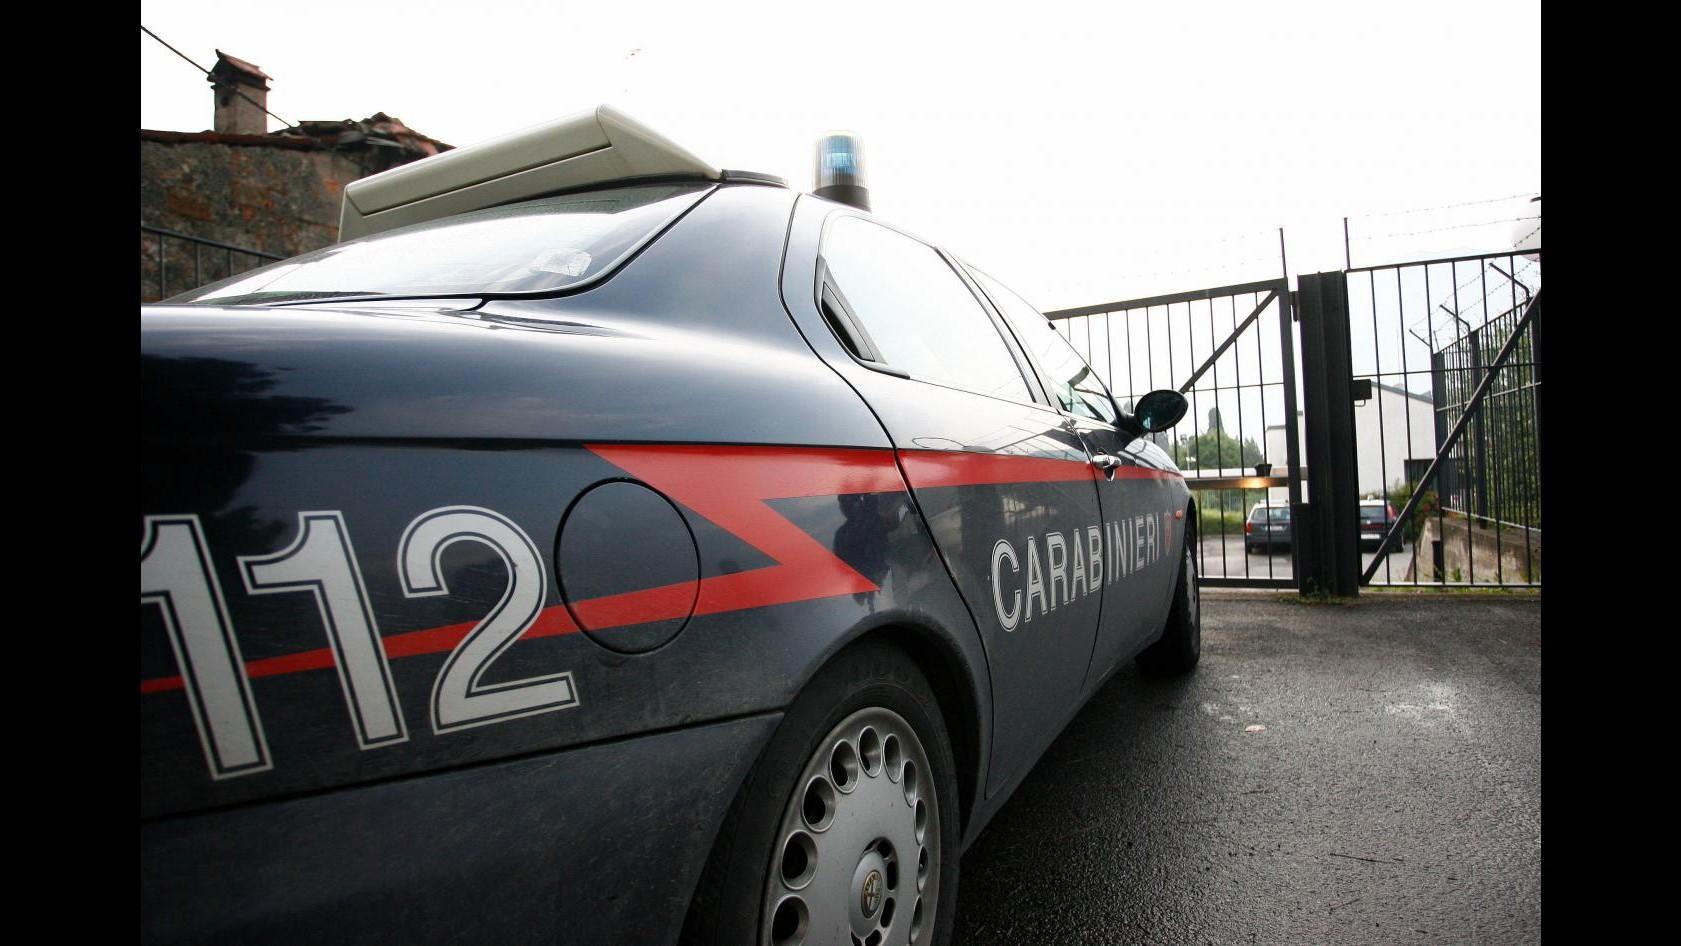 Ragazza morta a lago Bracciano: fidanzato indagato, atto dovuto